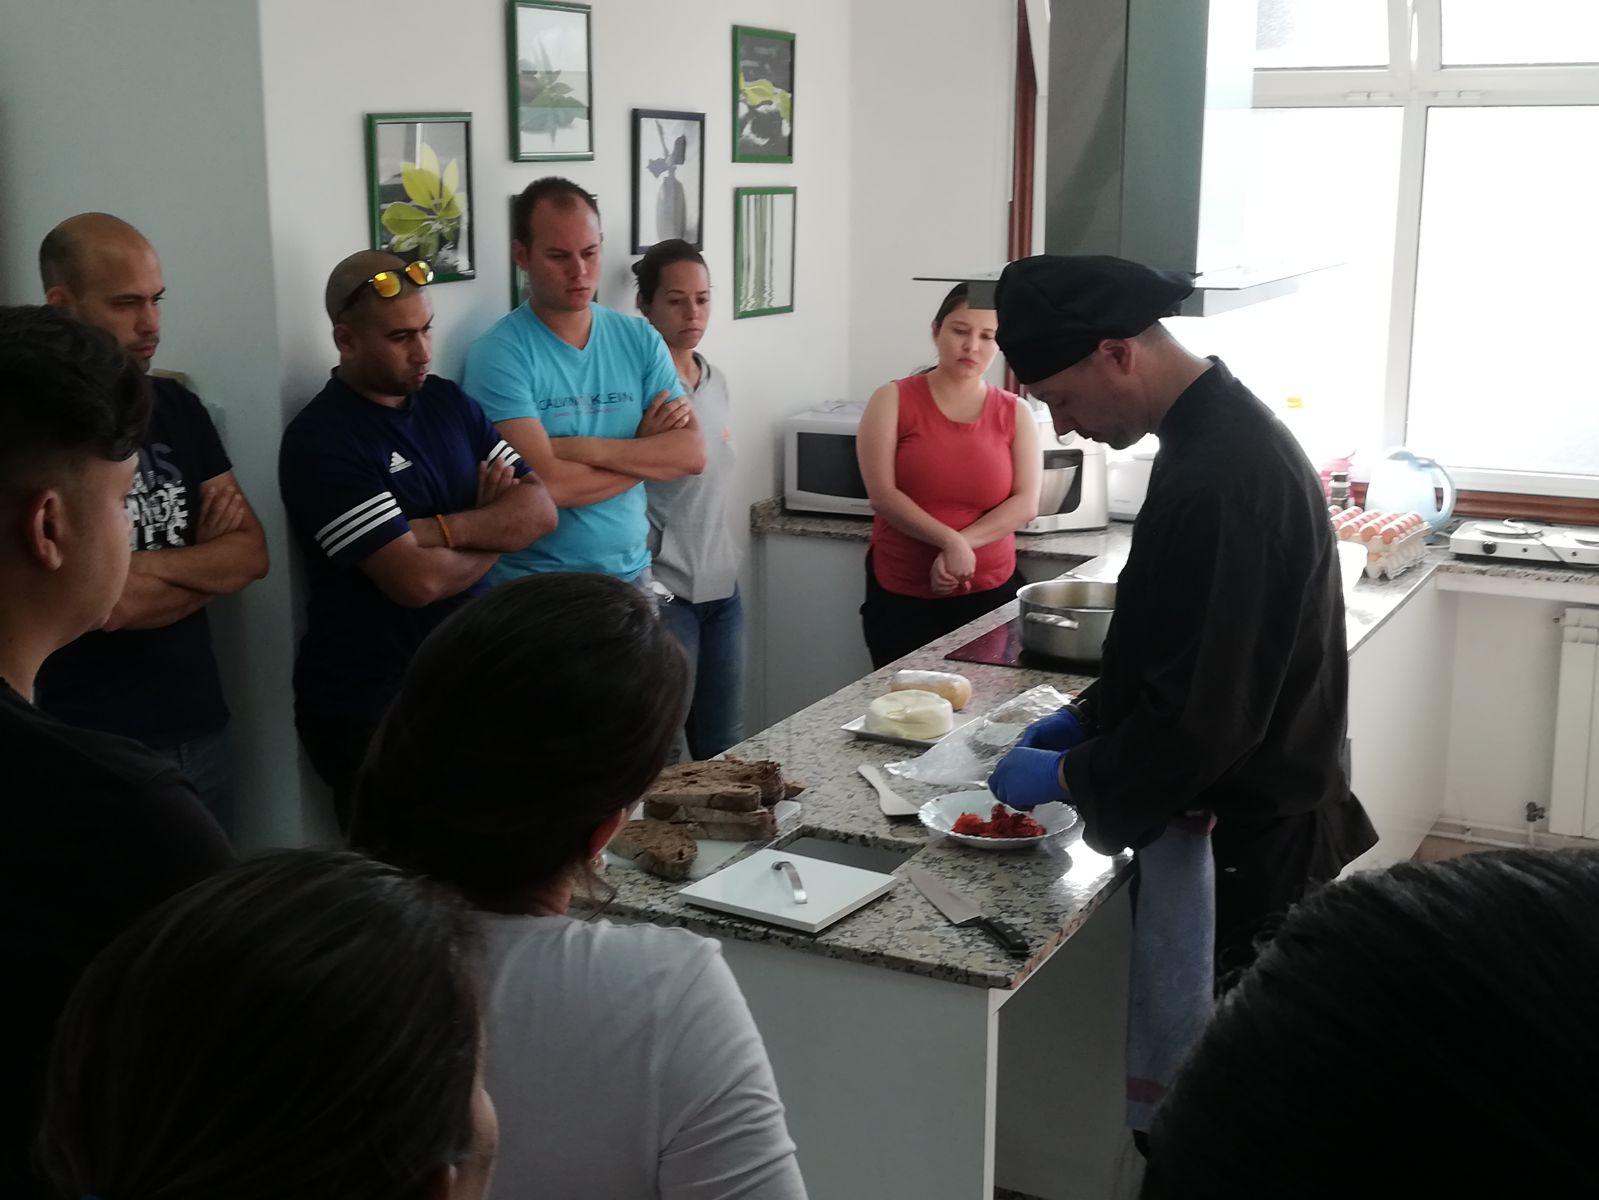 Xoves Interculturais, xunta de galicia, tapas, pinchos, formacion, curso,